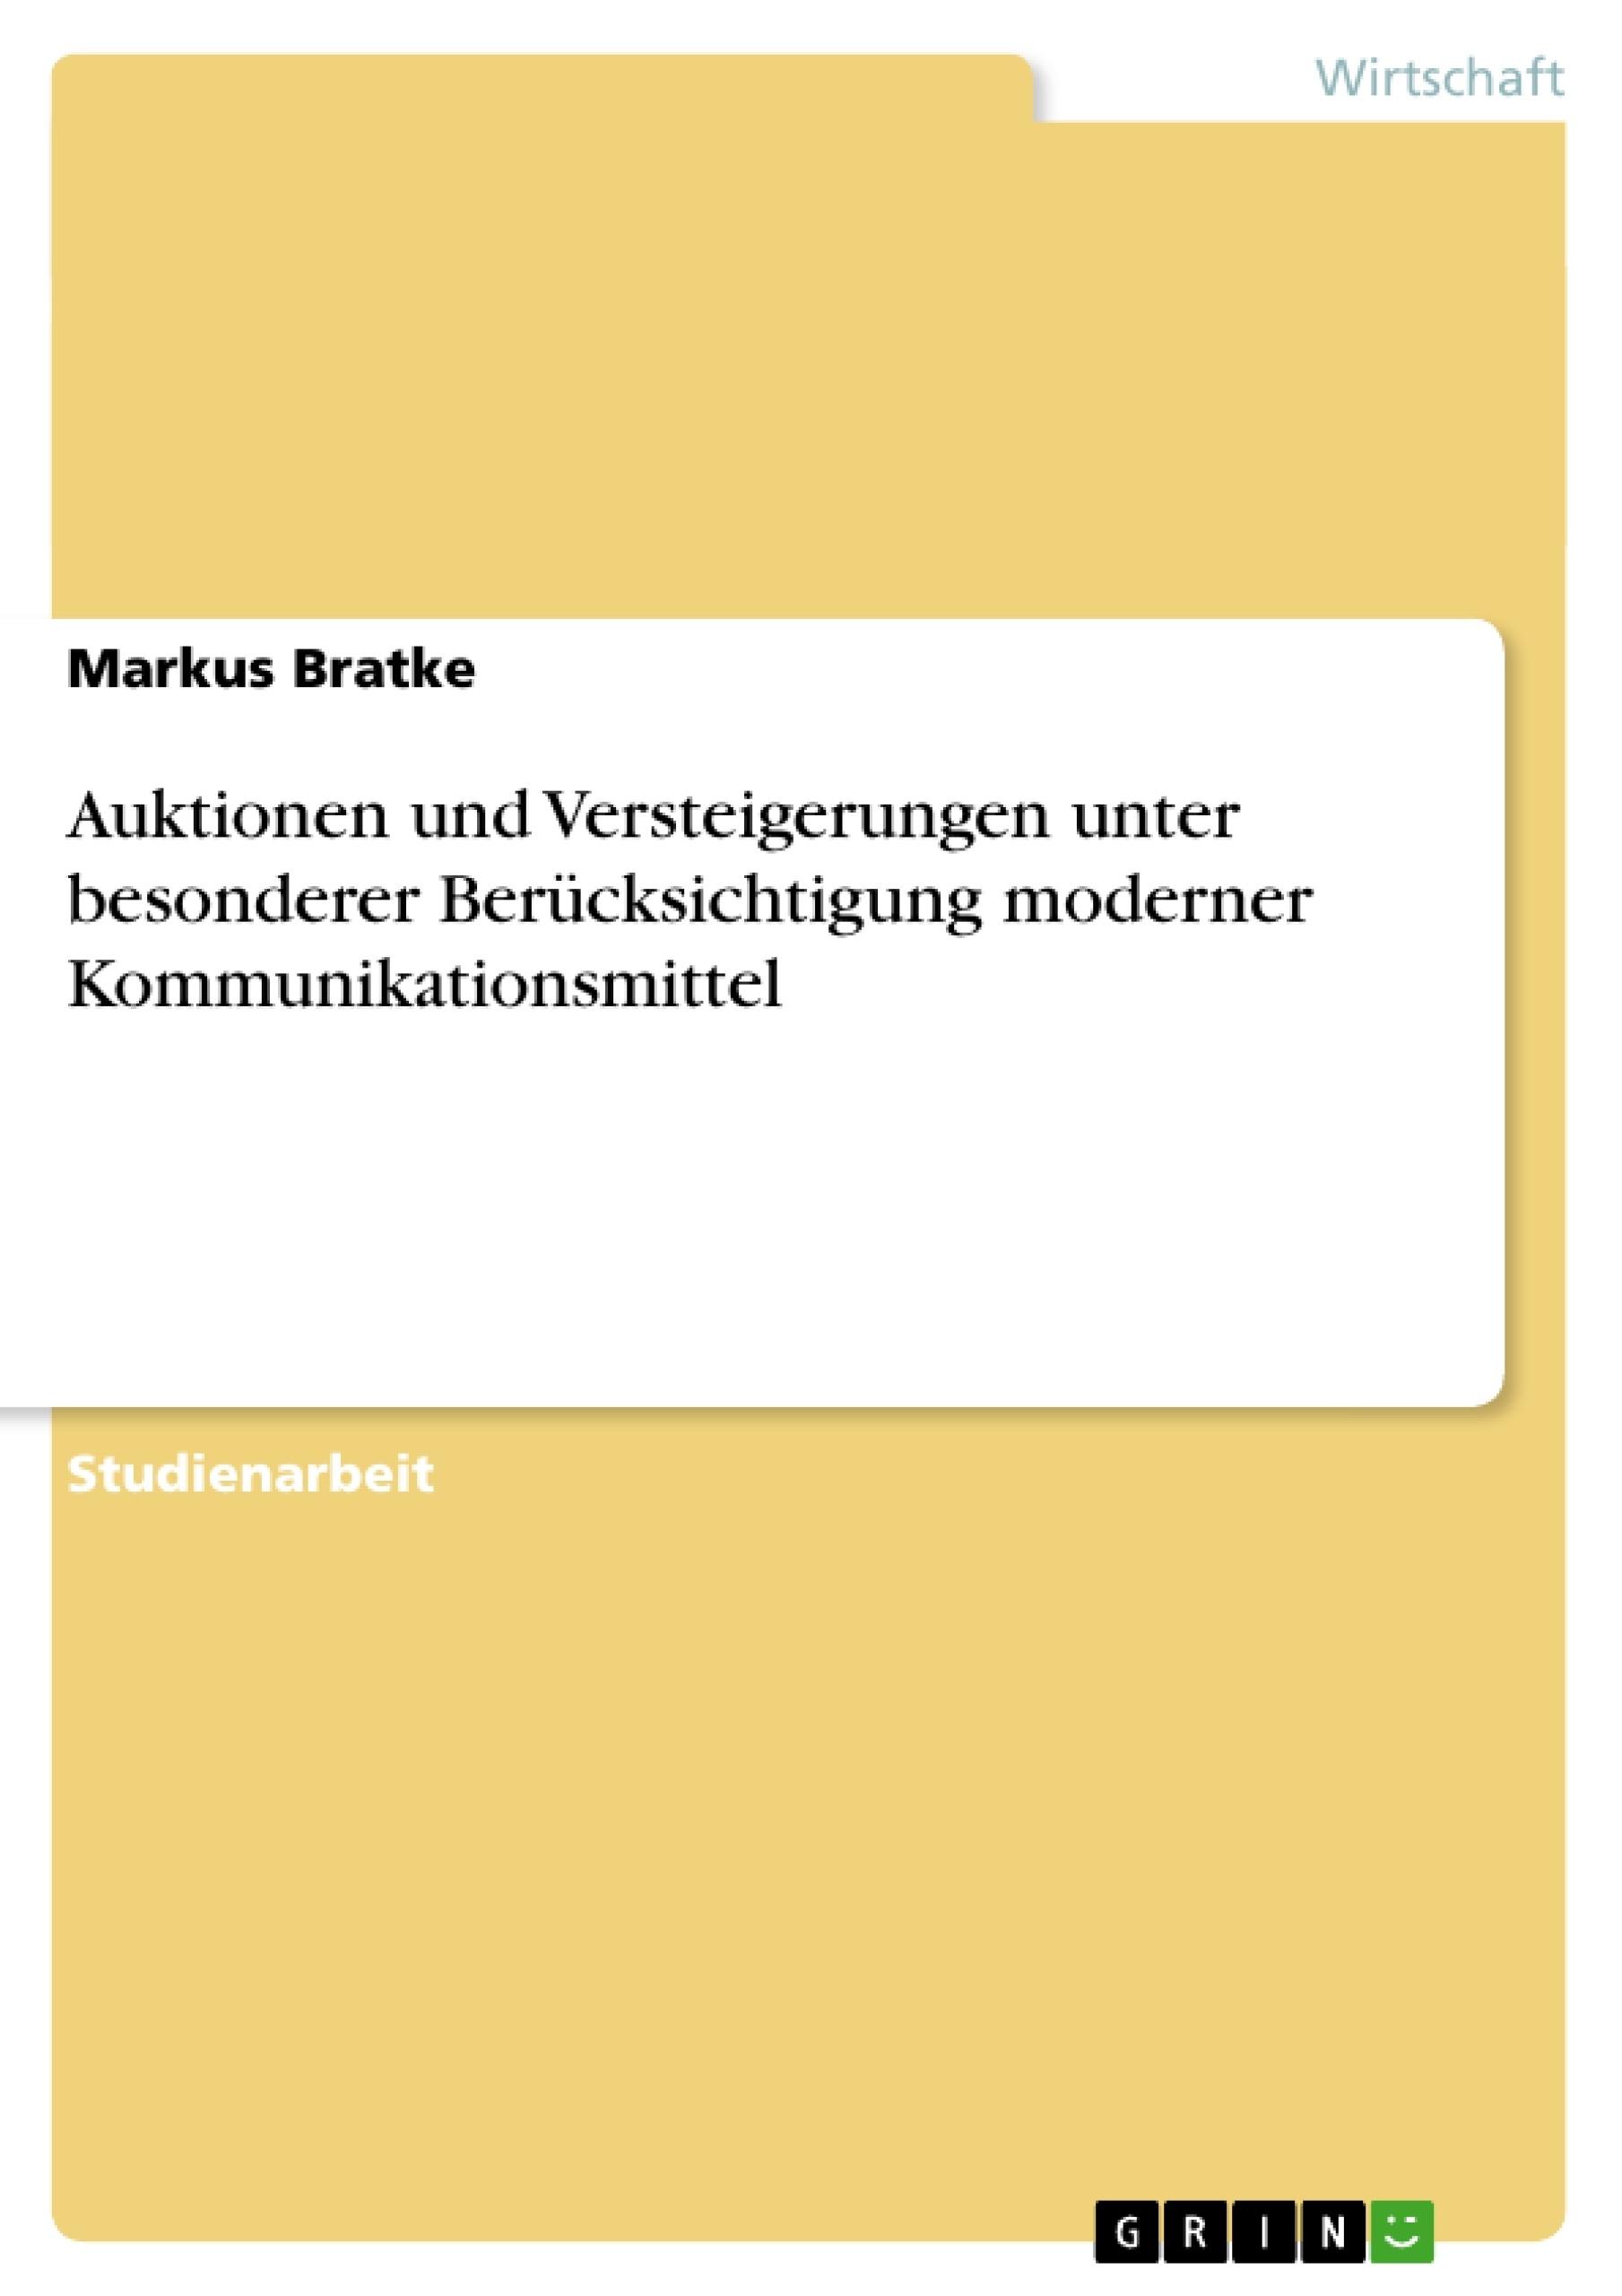 Titel: Auktionen und Versteigerungen unter besonderer Berücksichtigung moderner Kommunikationsmittel